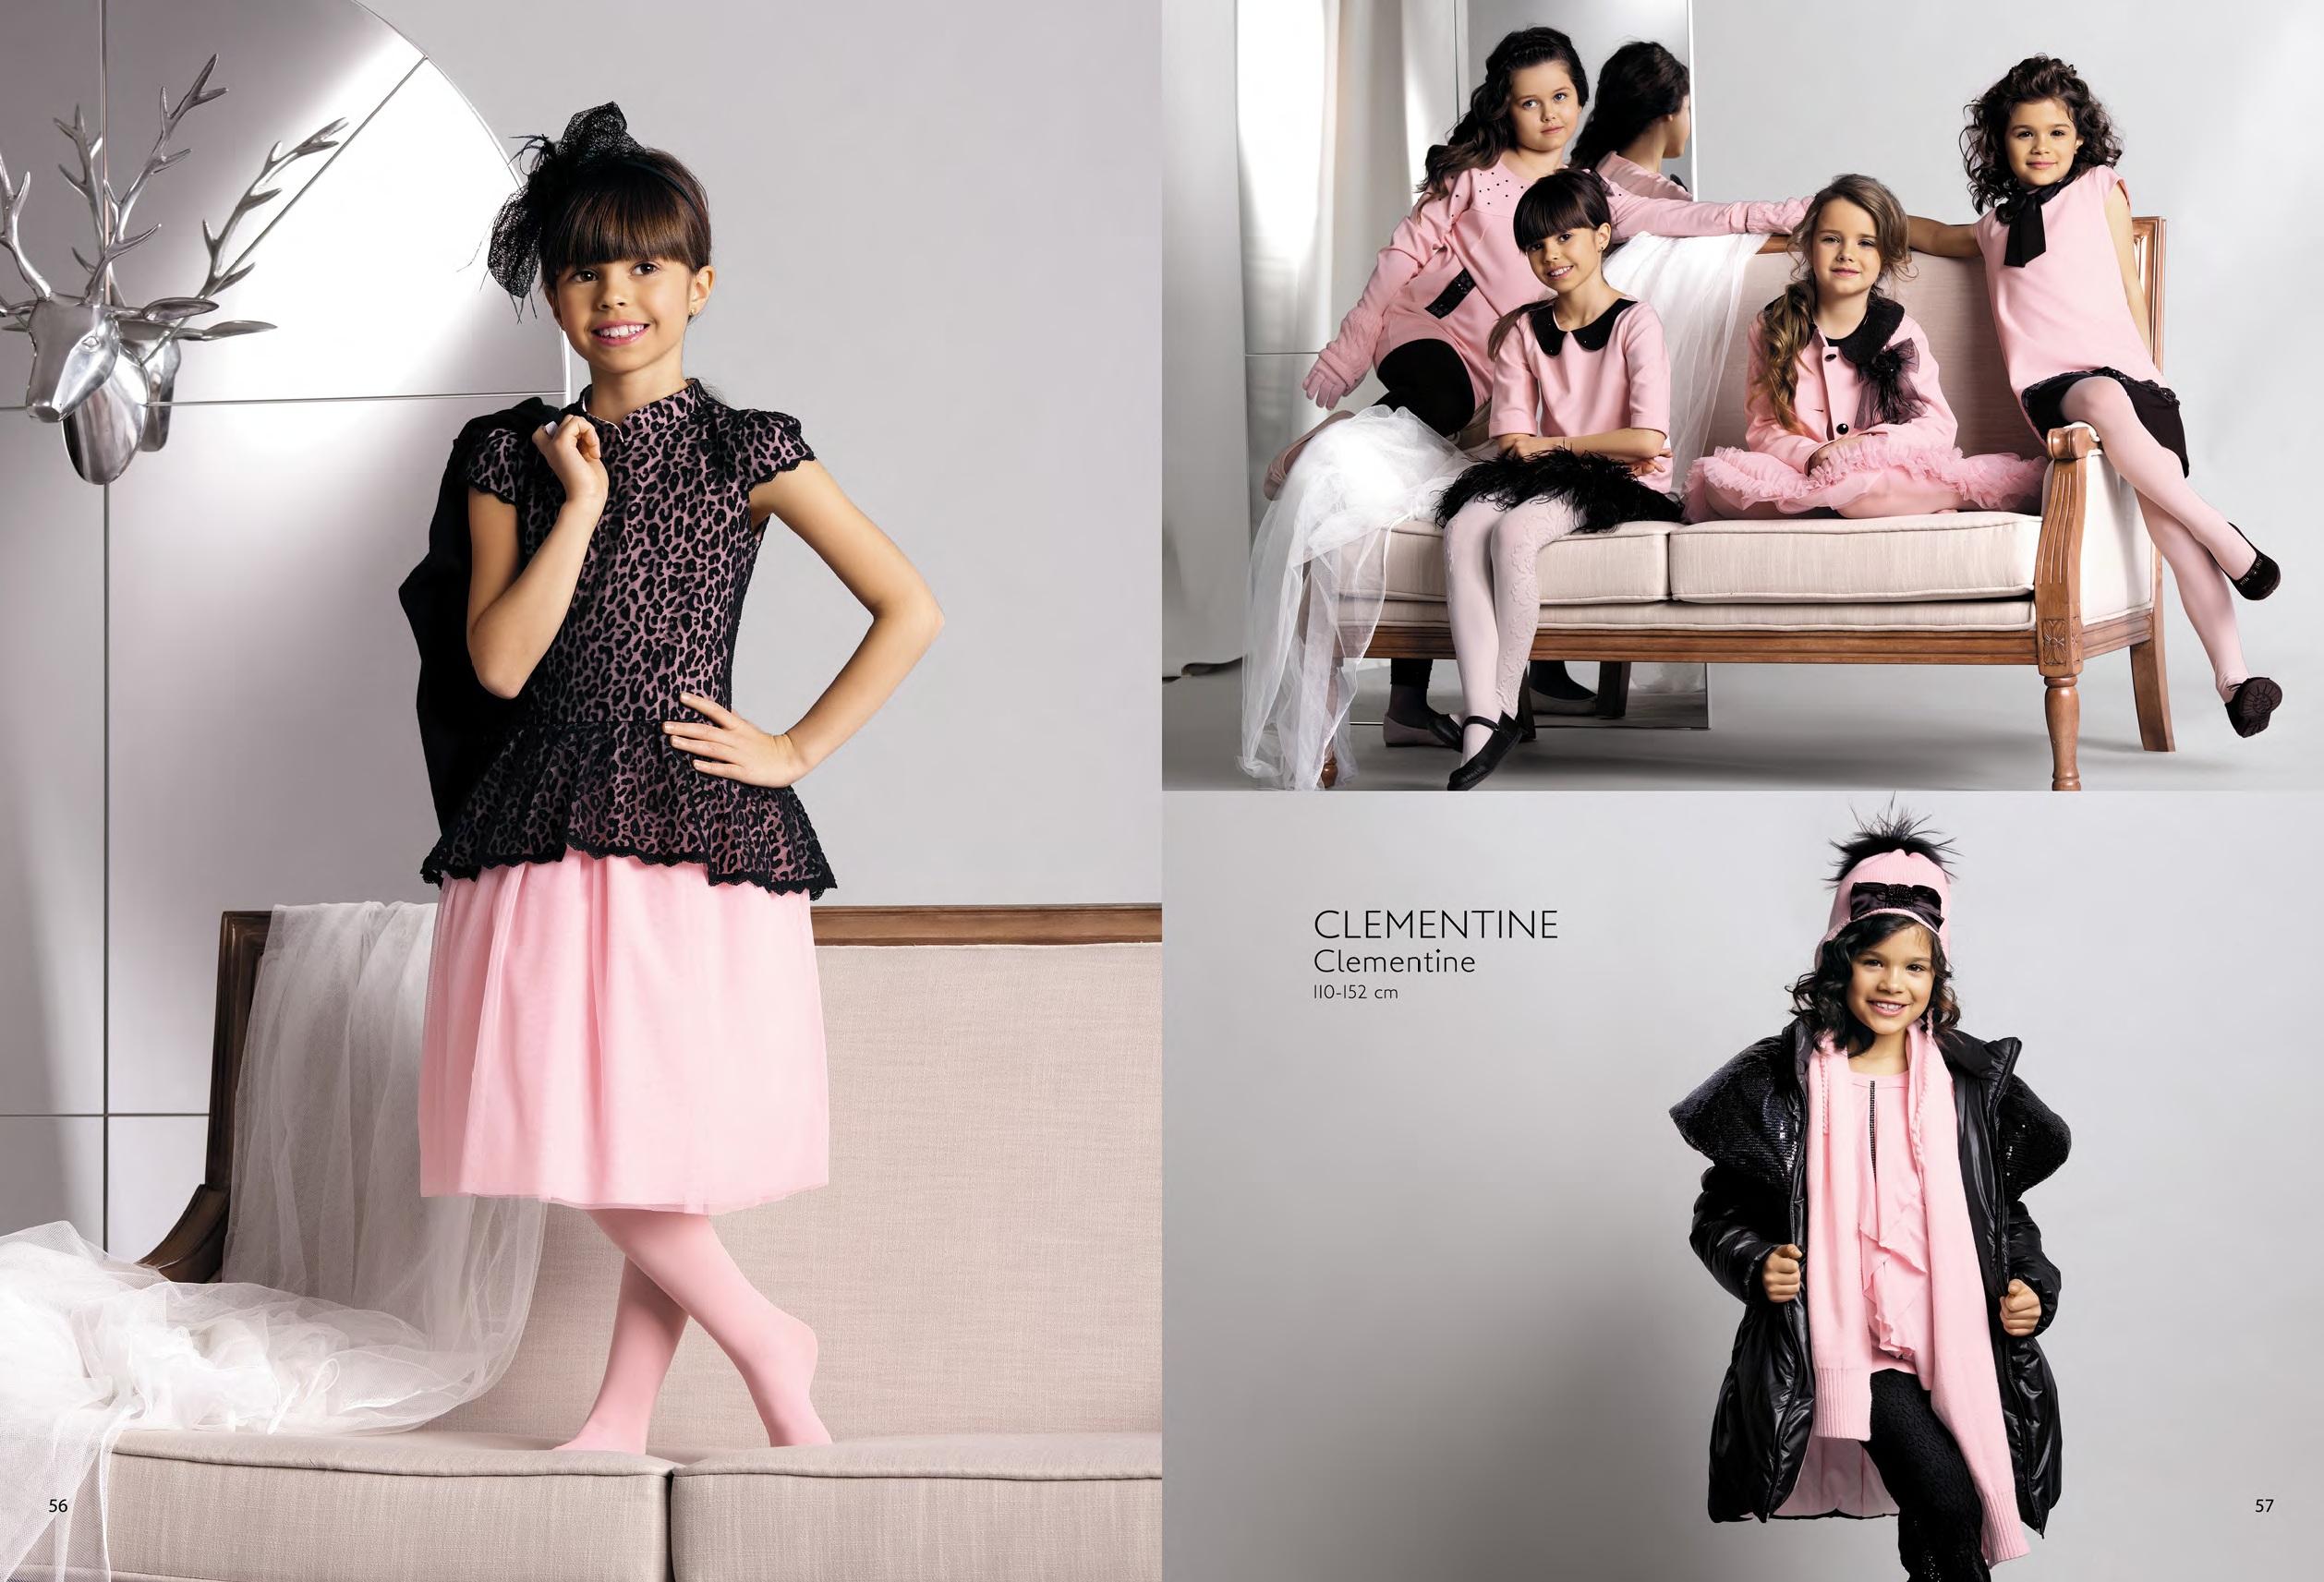 Сбор заказов. Детская коллекционная одежда Wojcik. Все сезоны. Есть распродажа! Новый поставщик - хорошее интересное наличие! Фотопрайс.